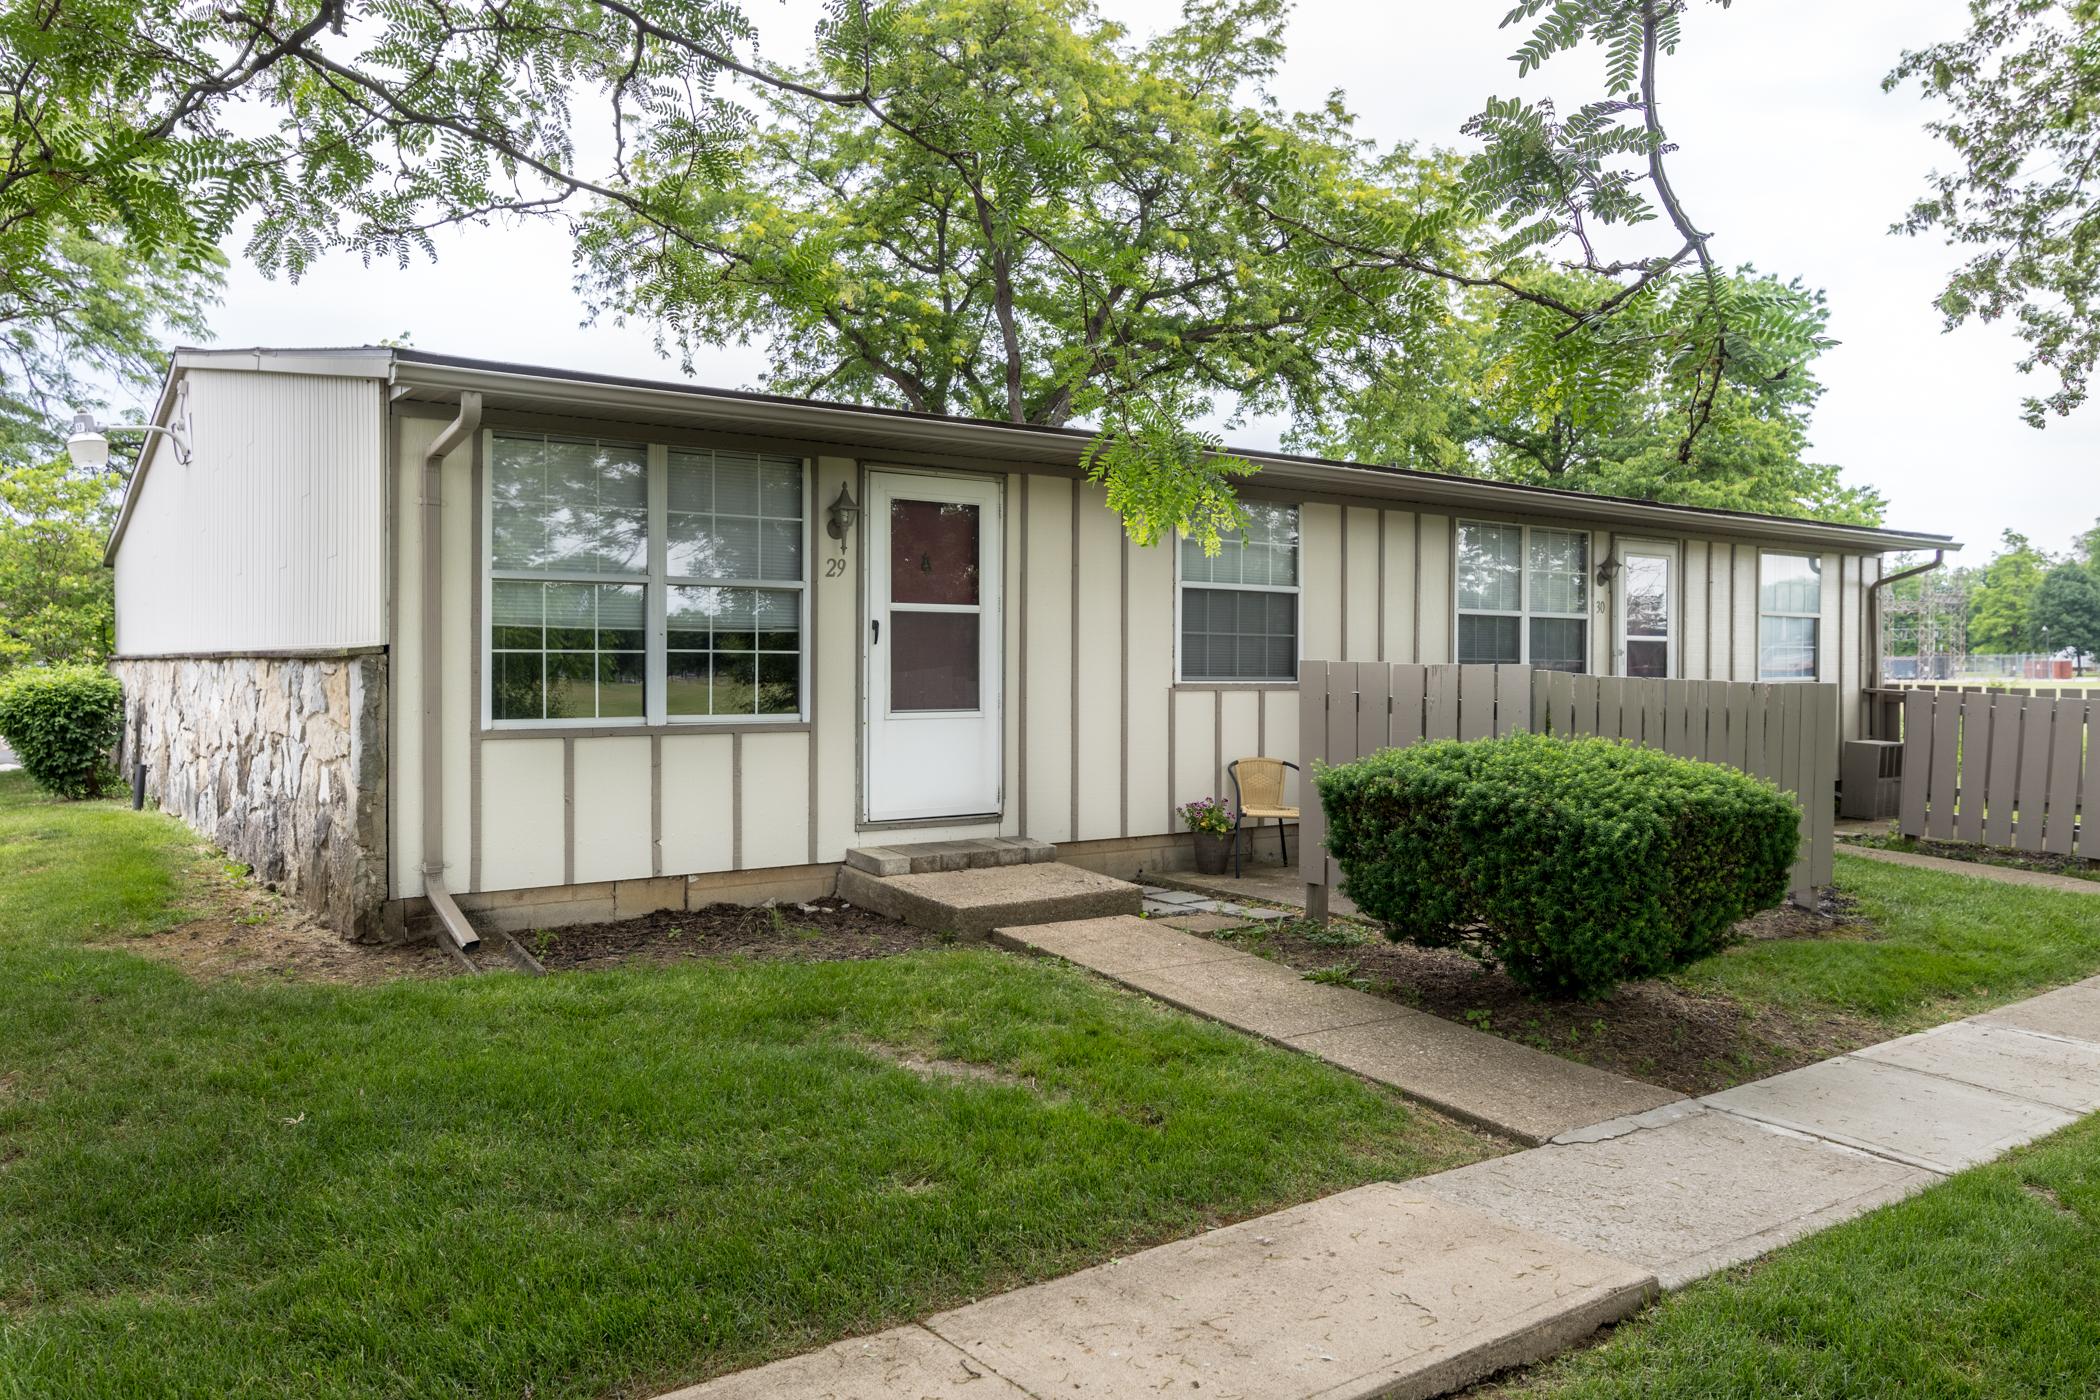 Cedargate - Galion, Ohio98 units